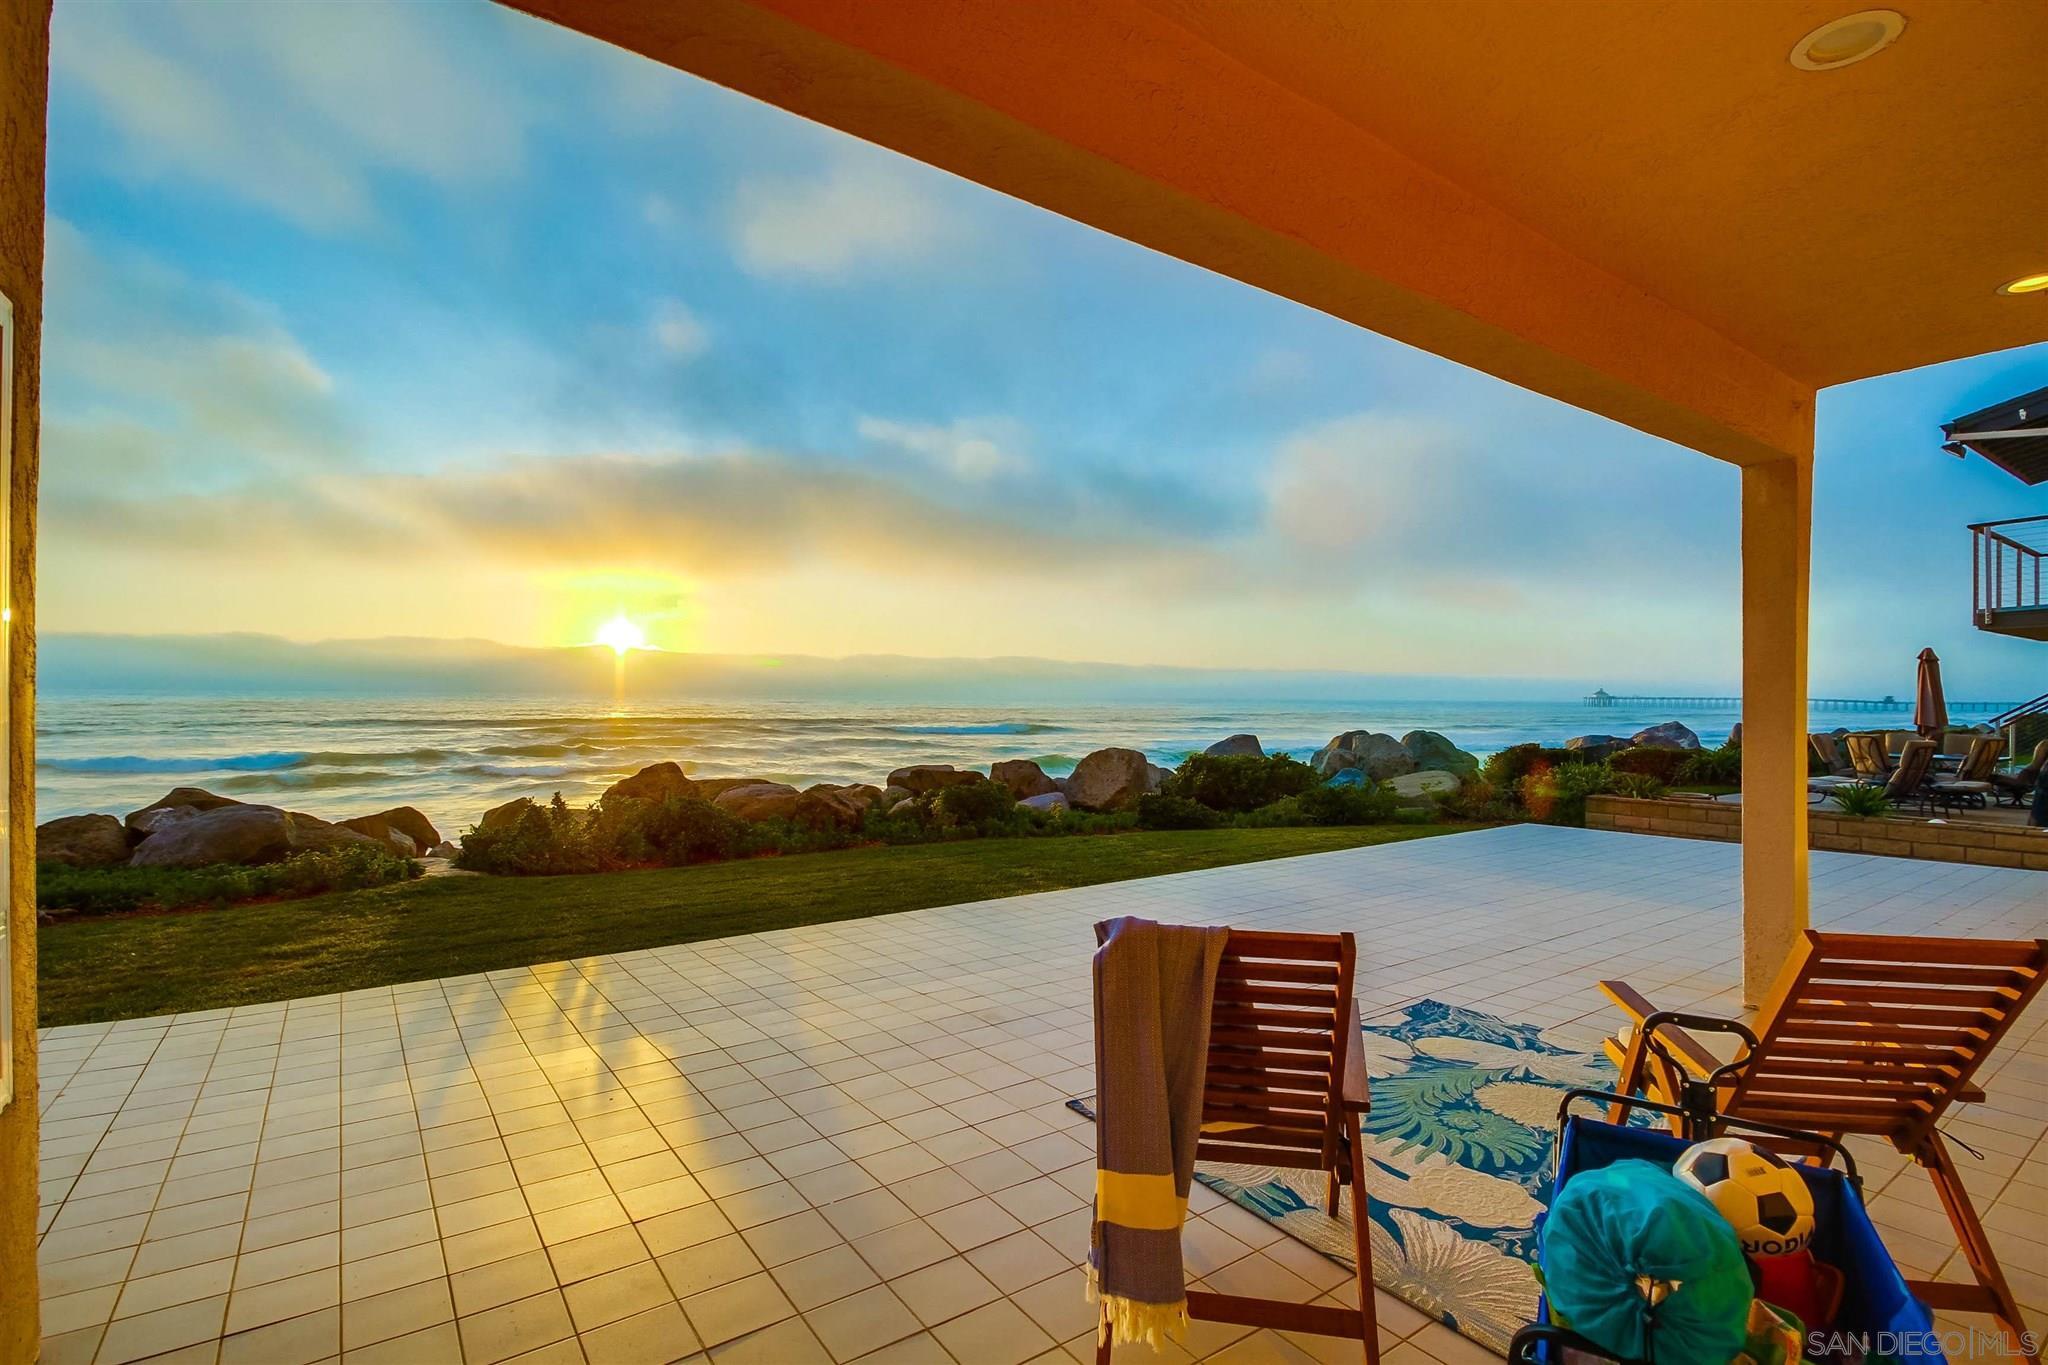 1442 Seacoast Dr 2, Imperial Beach, CA 91932